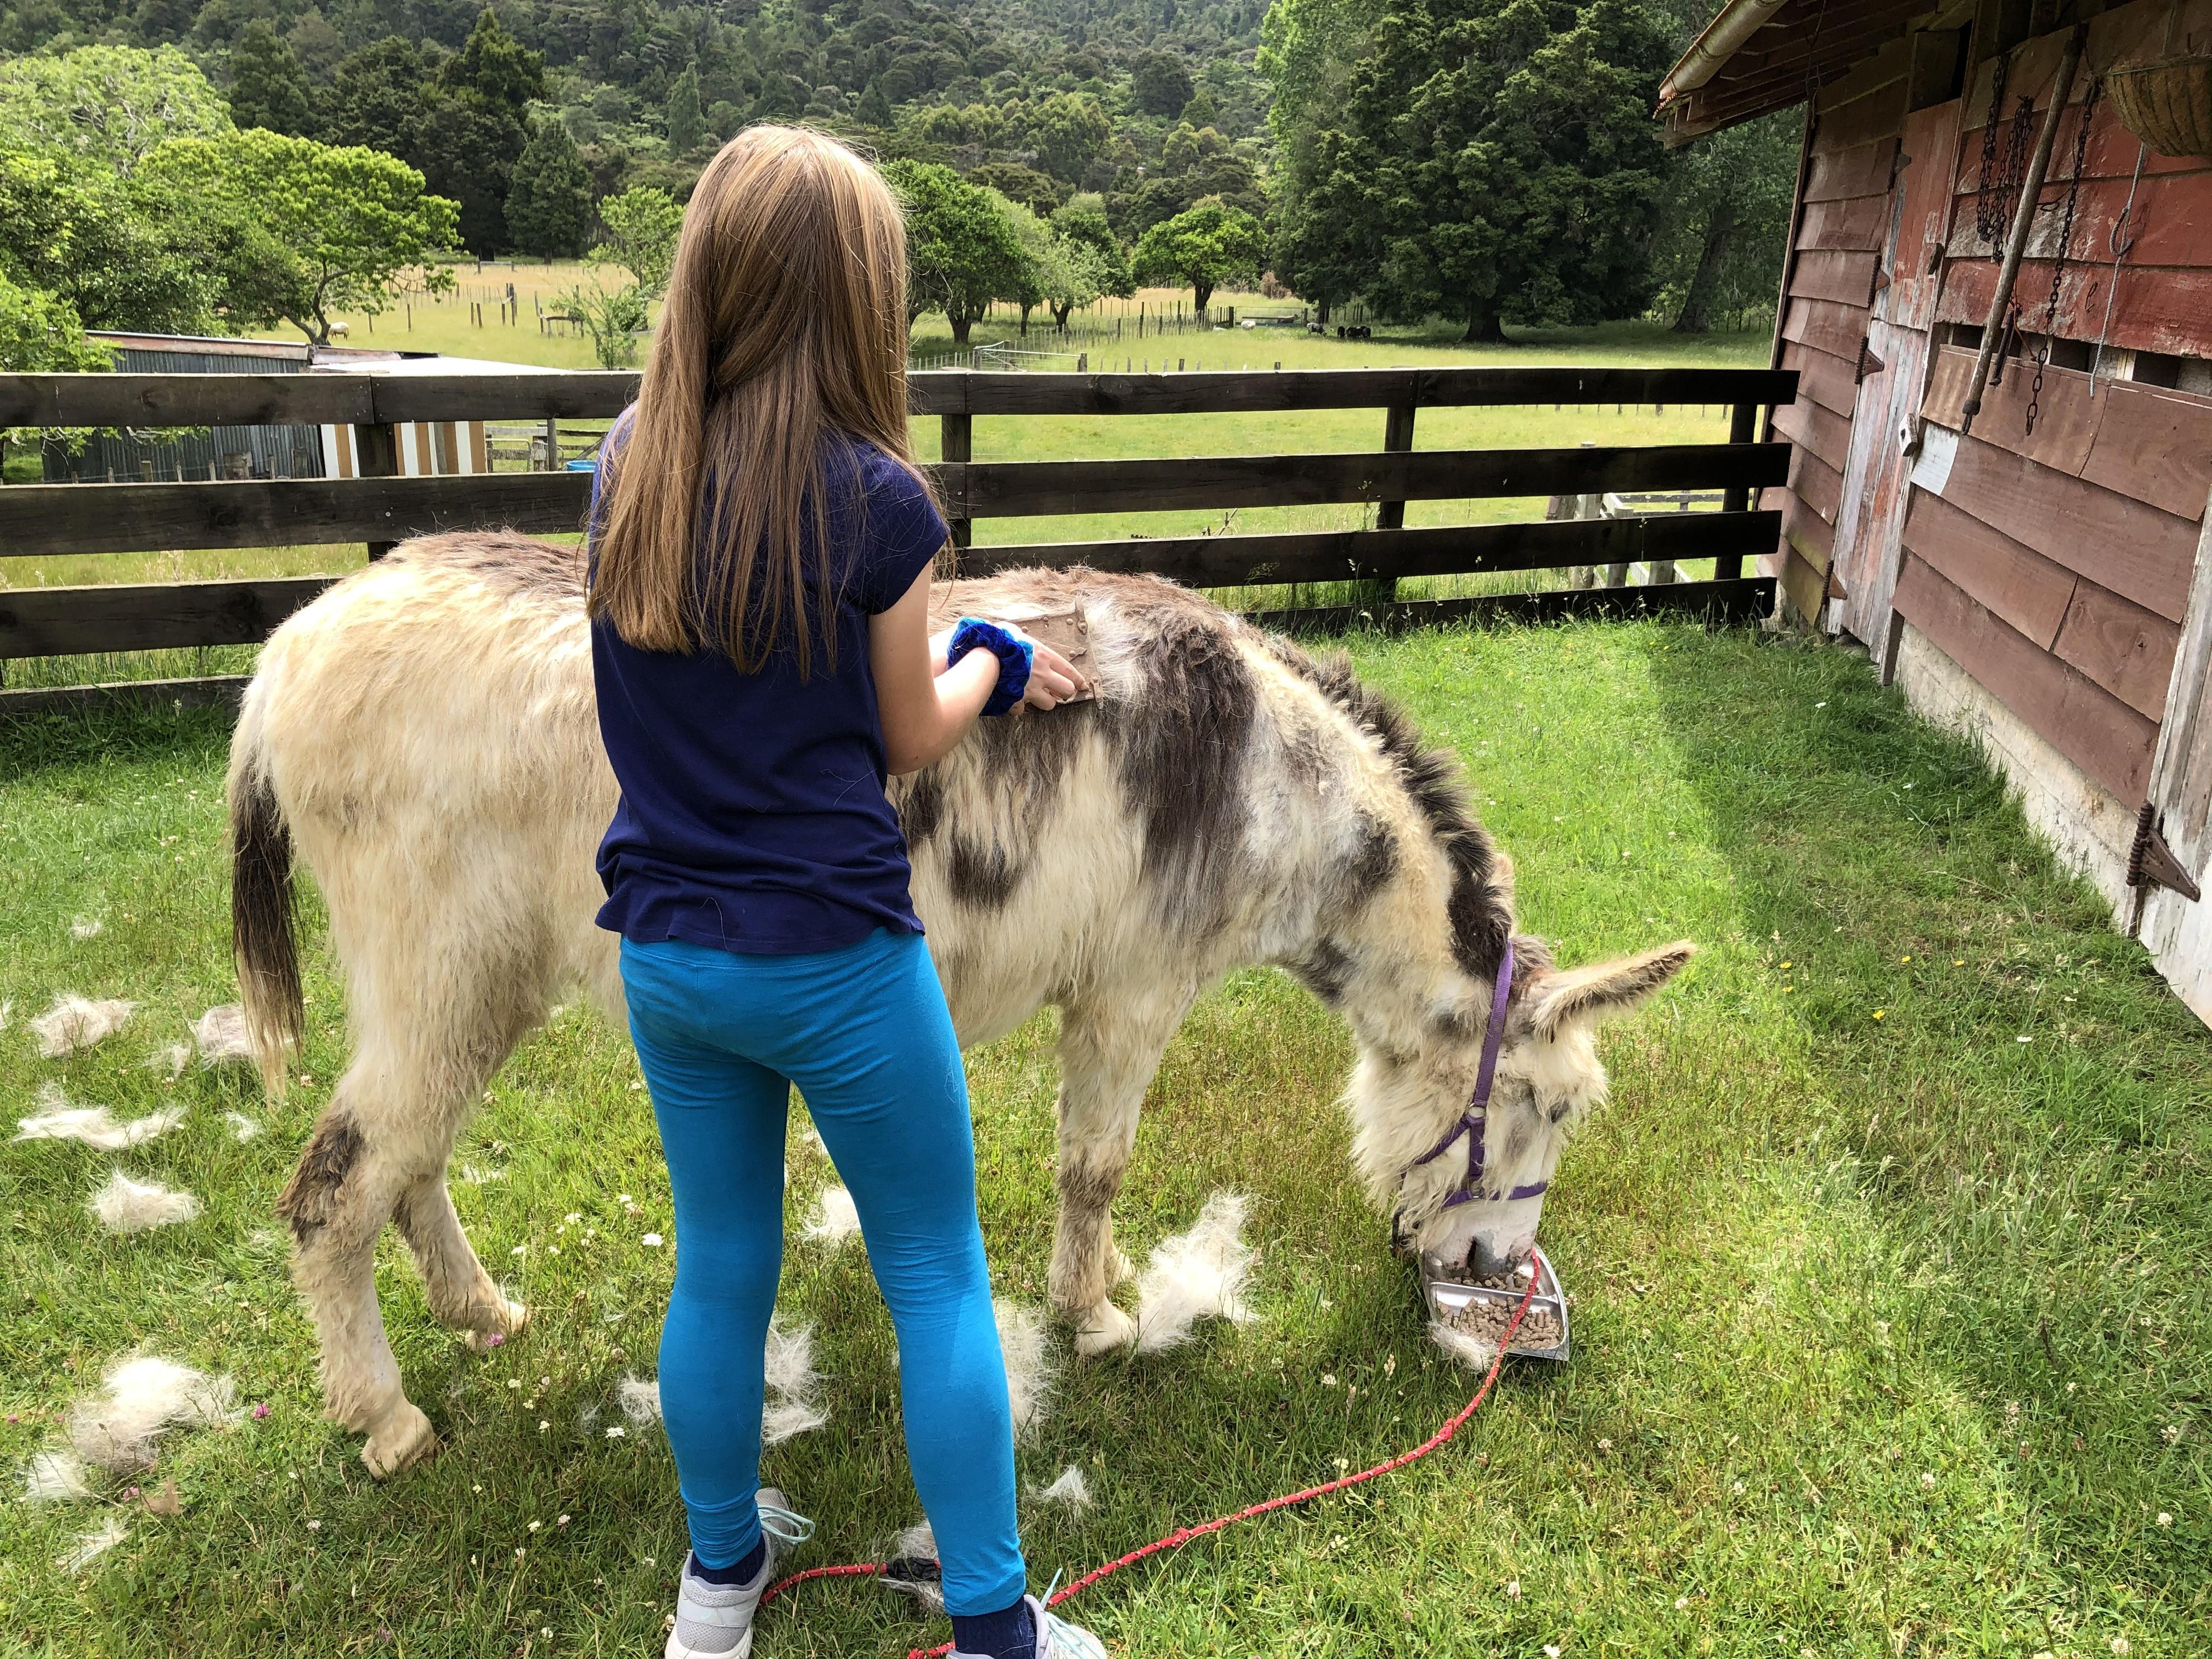 Brushing the donkey.